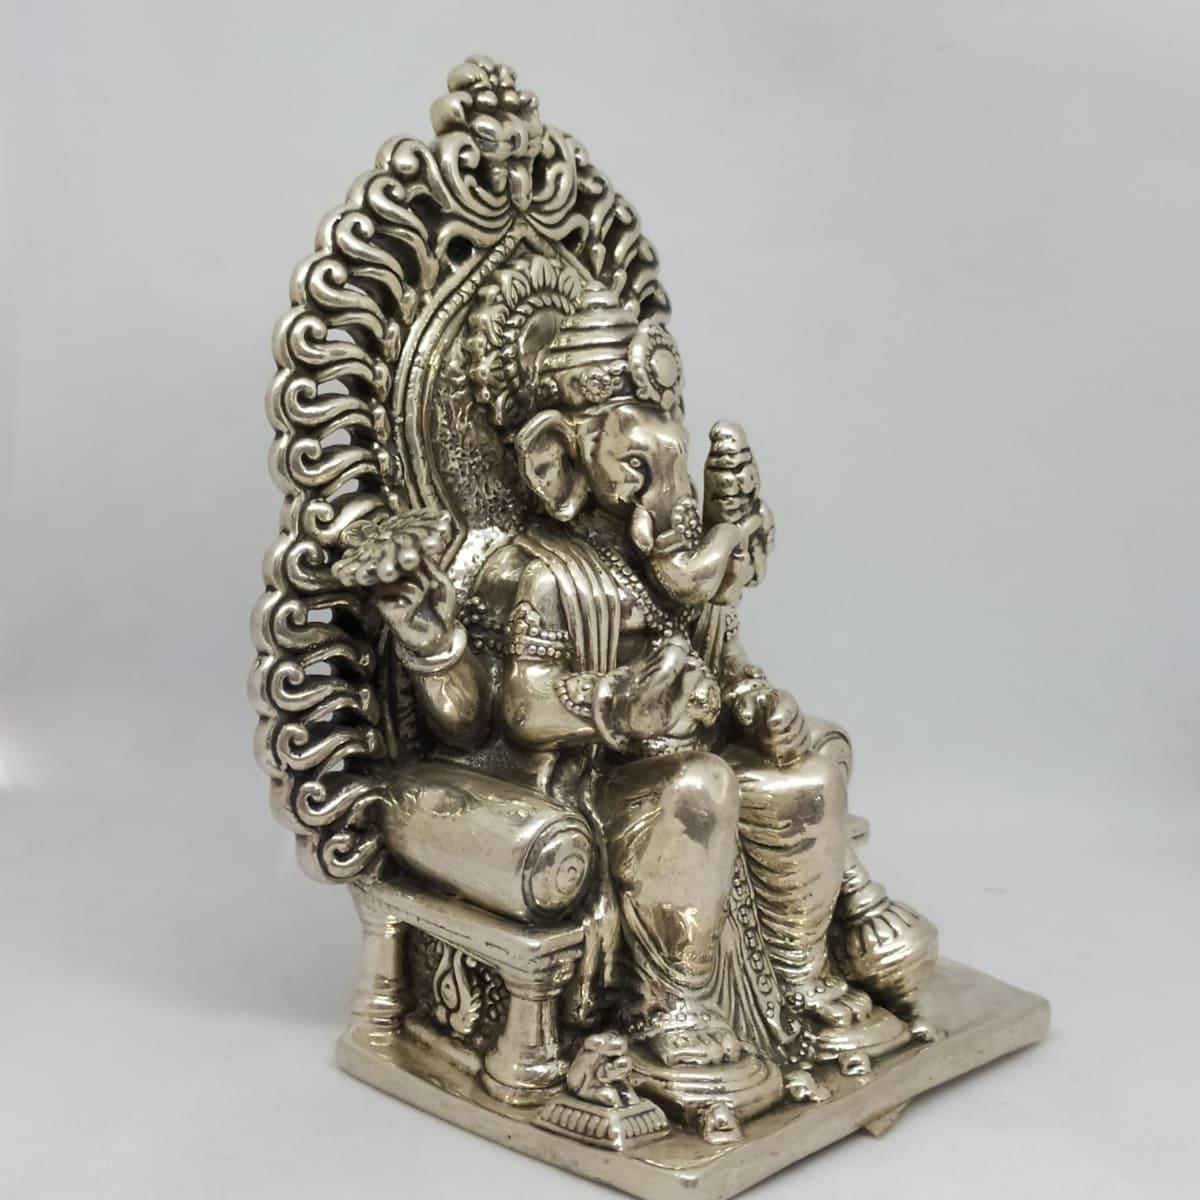 Antique Ganesha Idol